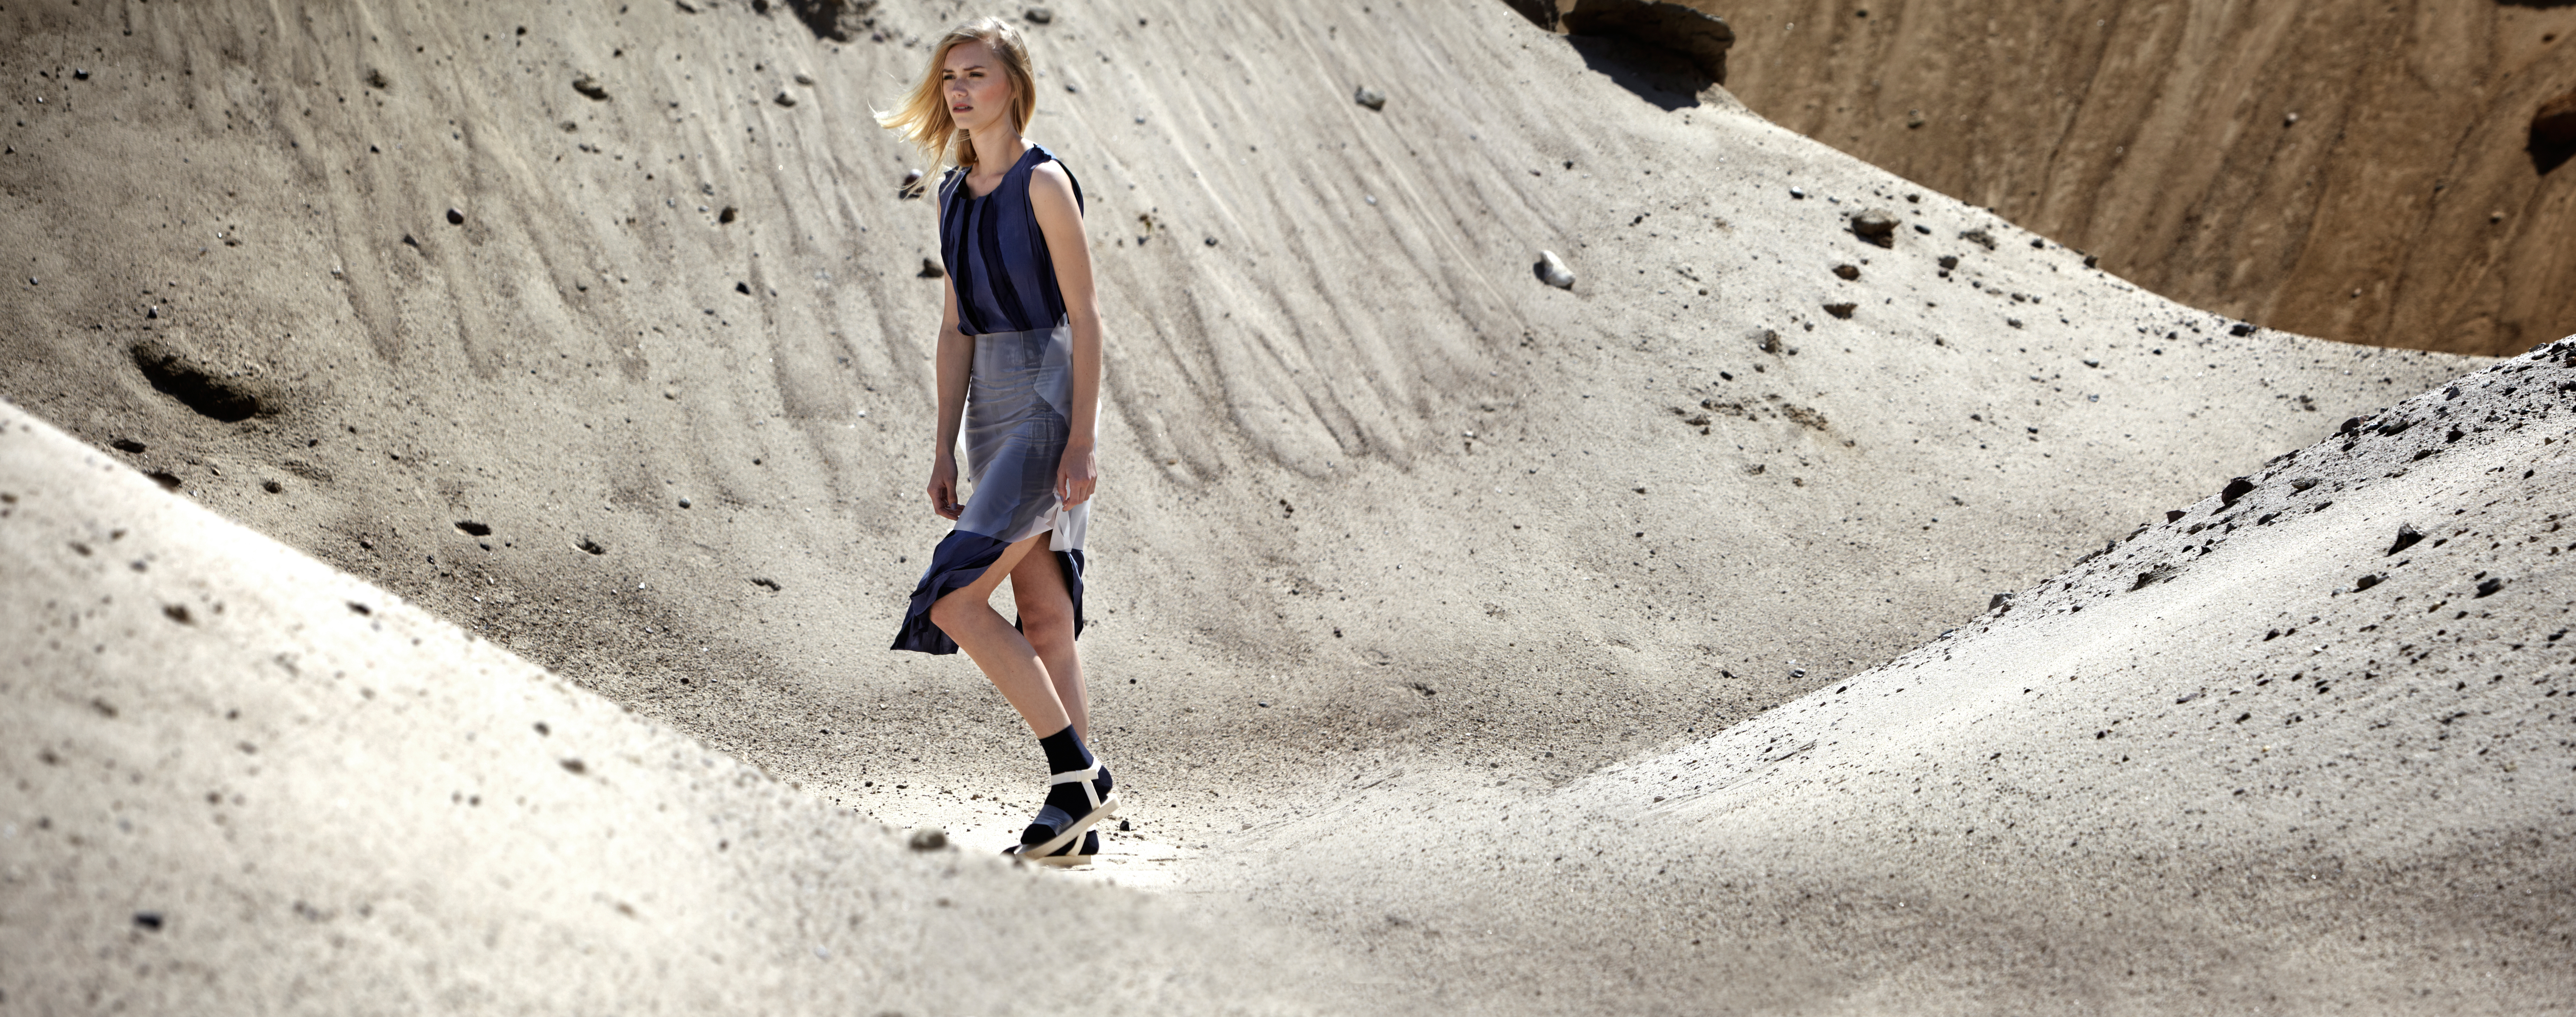 Model in a Desert